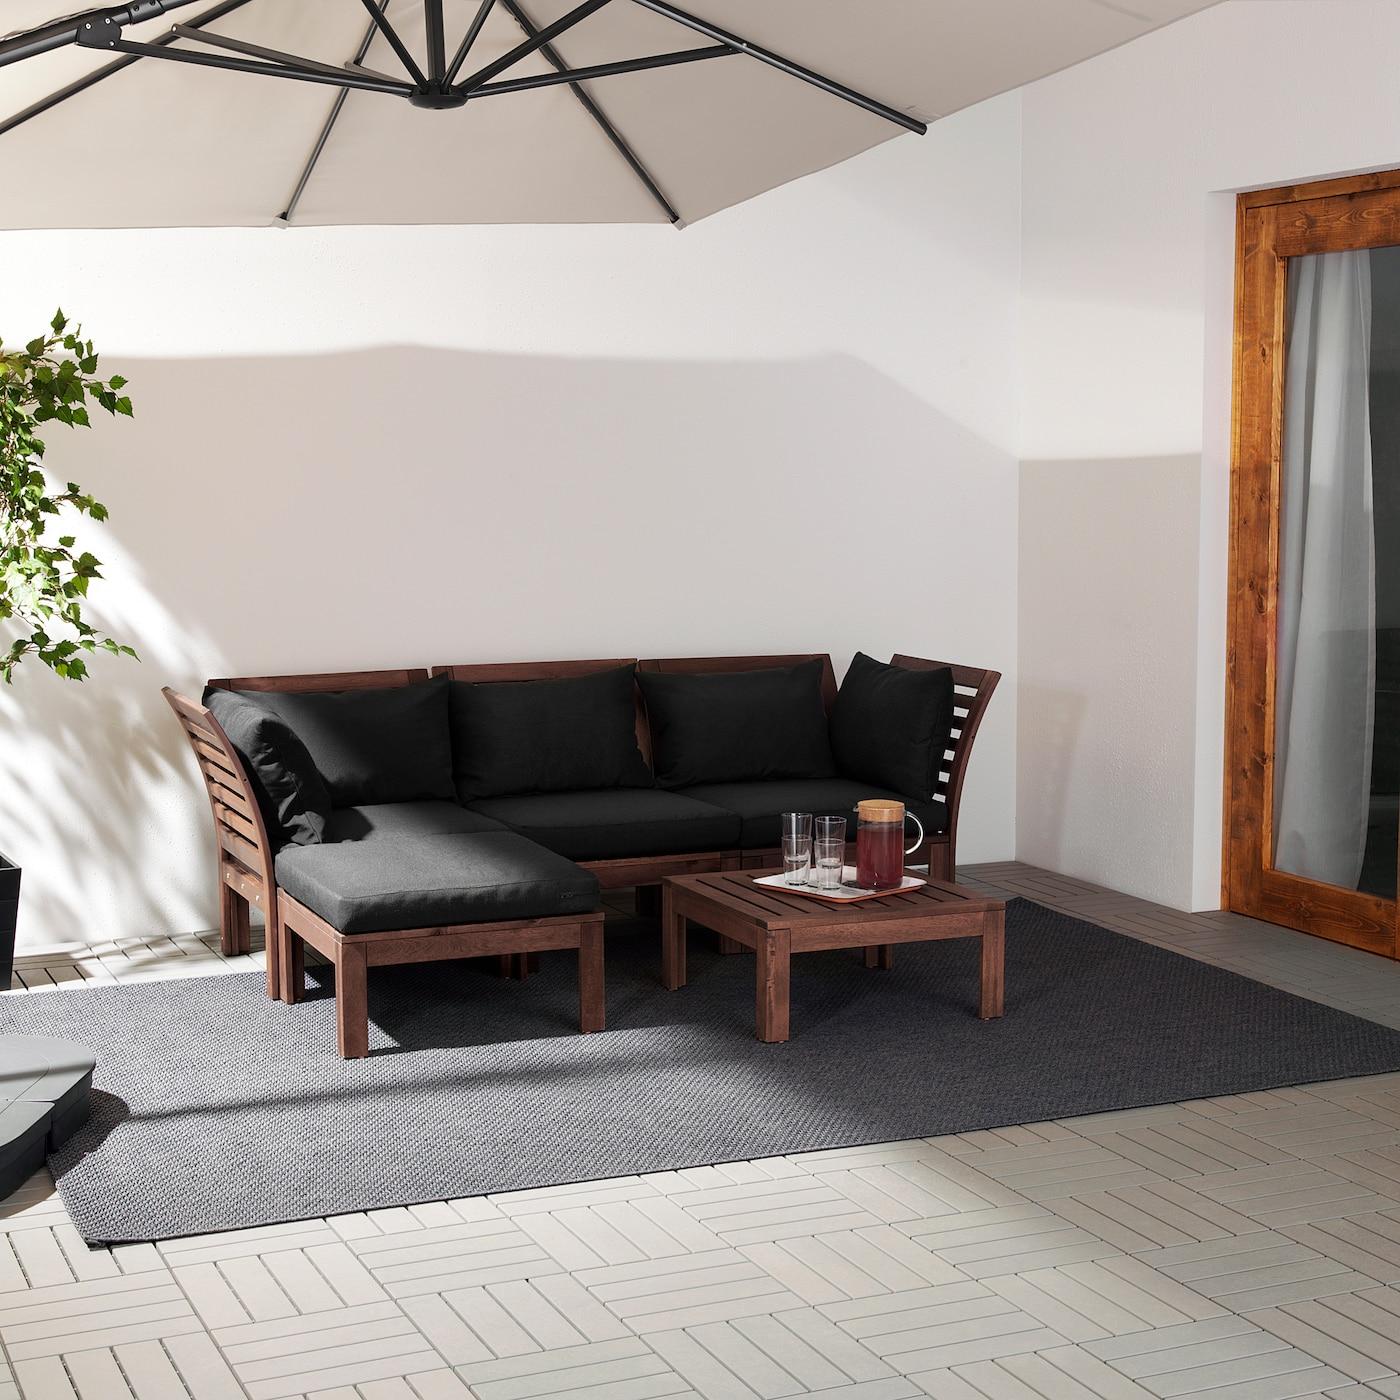 ÄPPLARÖ 3-seda modularna zofa, zunanja, s podnožnikom rjavo luženo/Hållö črna, 143/223x80x78 cm